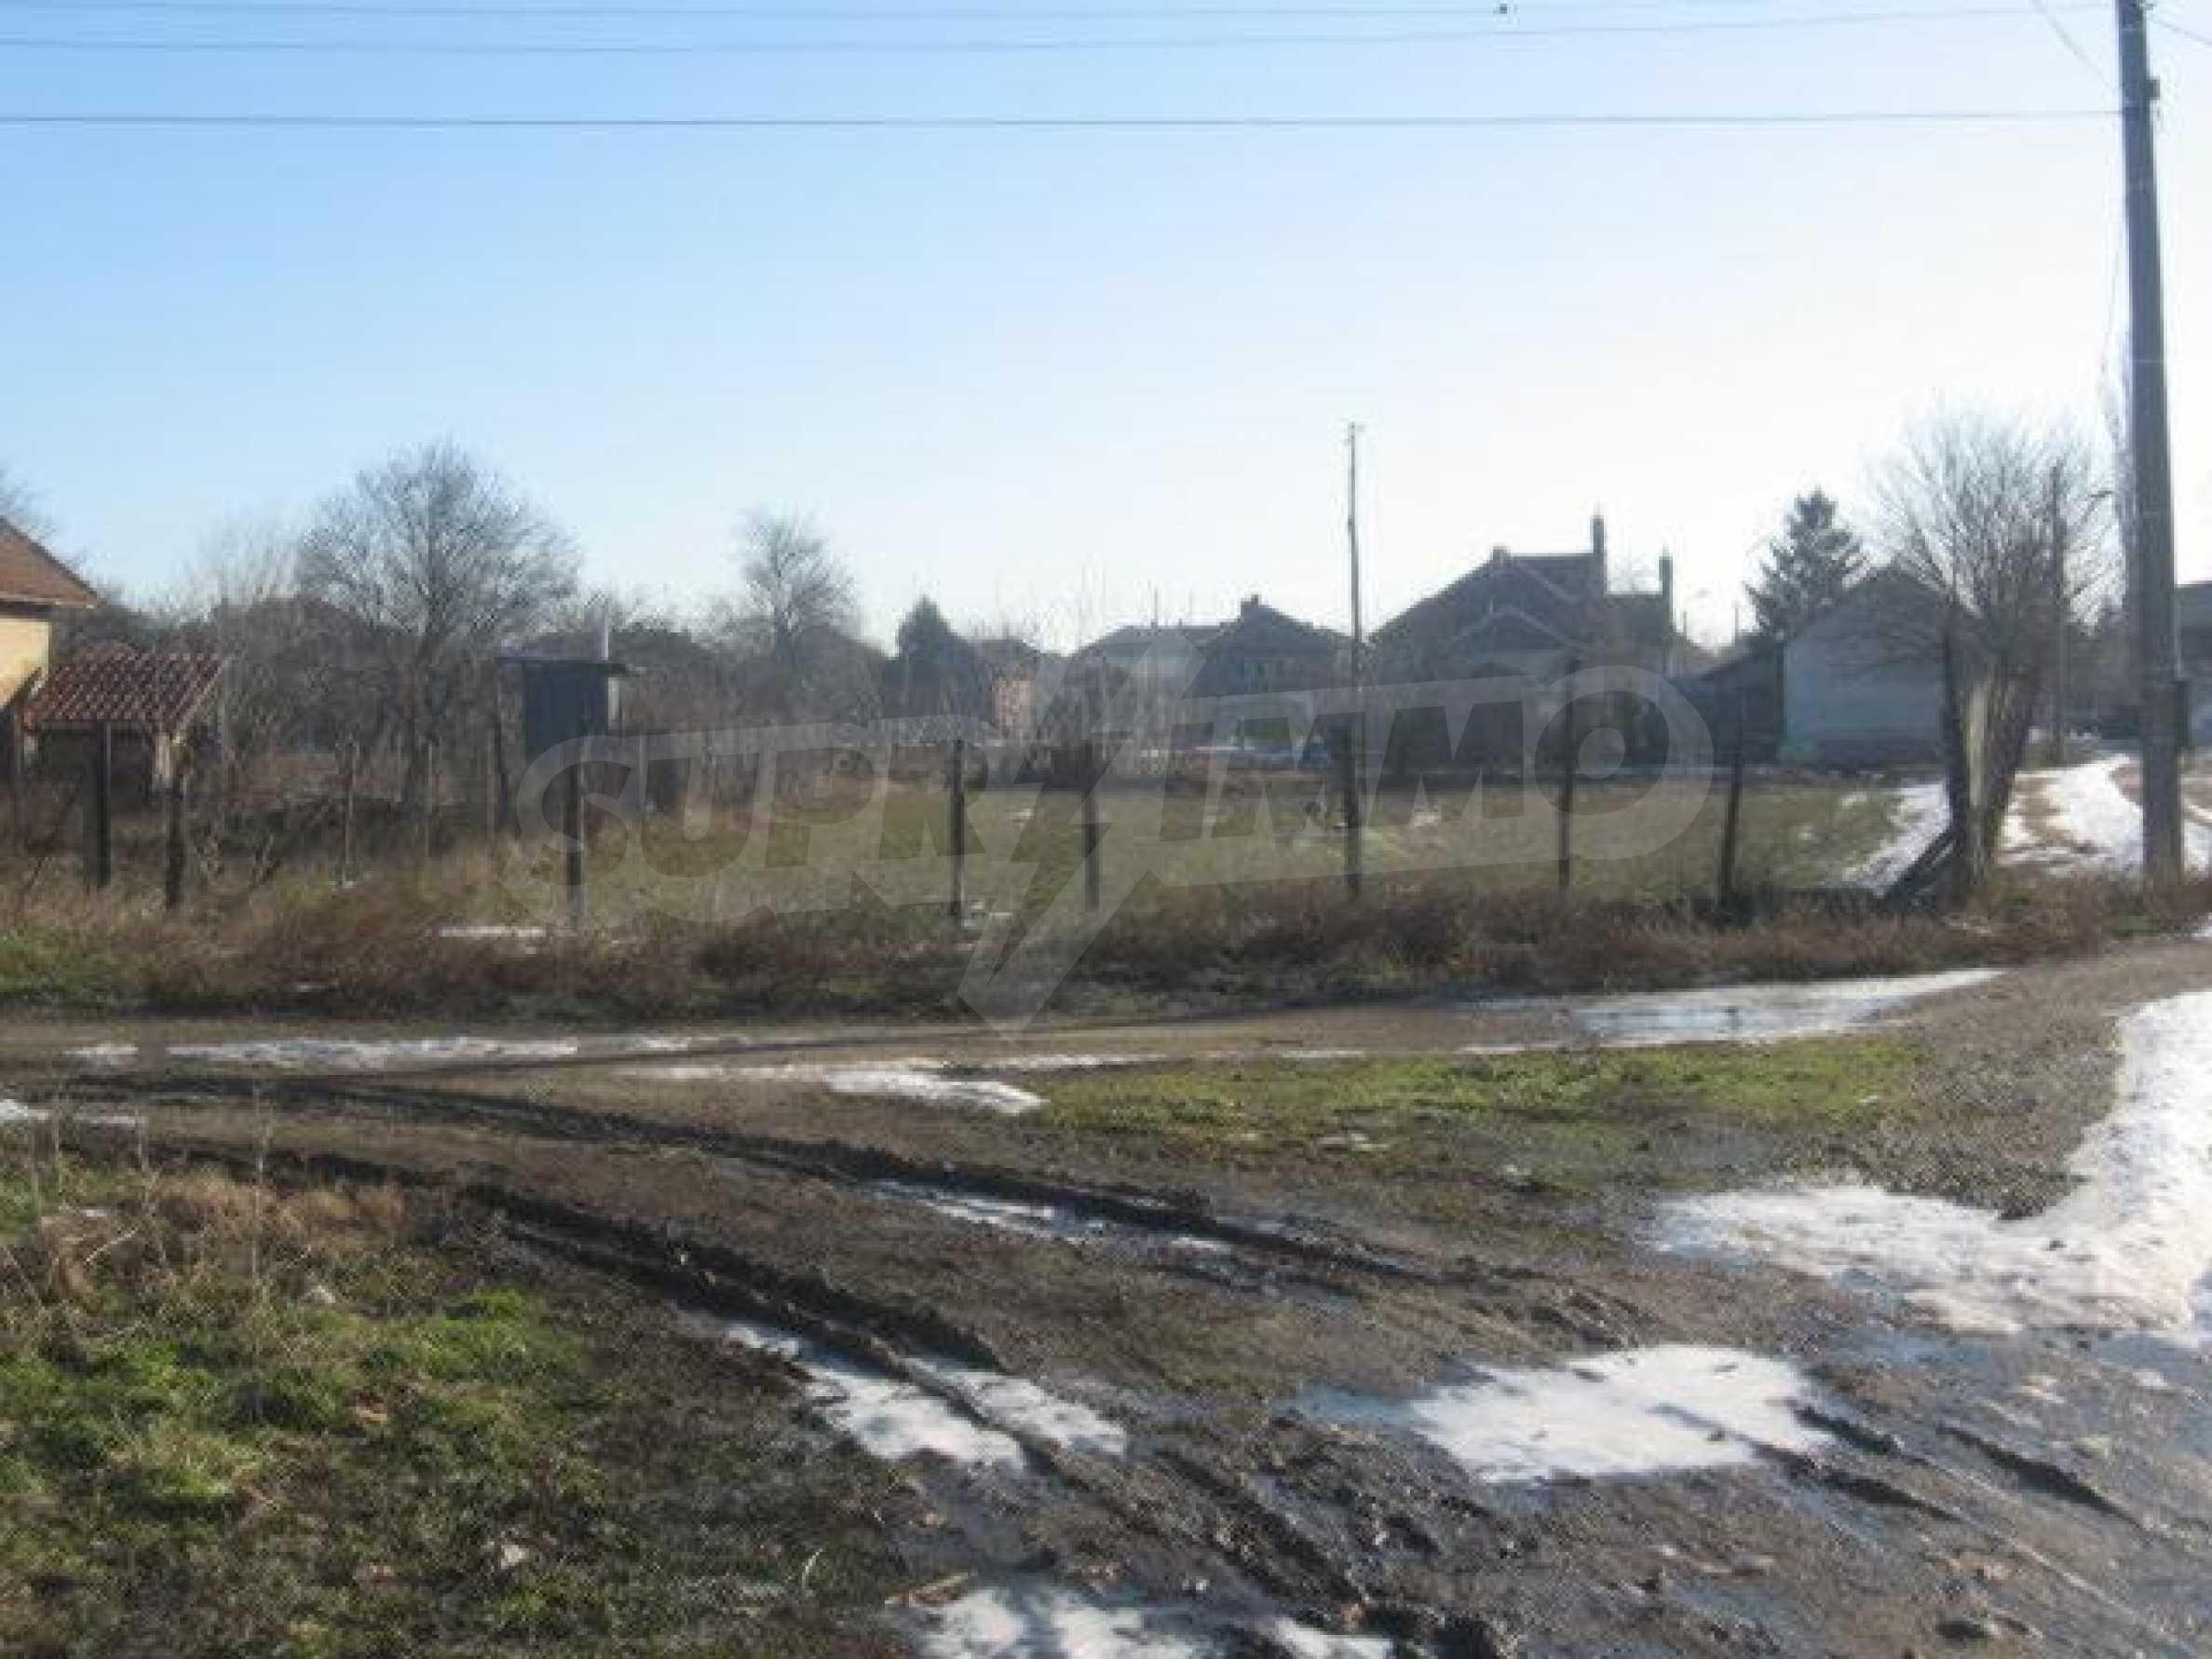 Участок под строительство возле Дунай мост 2, г. Видин 9